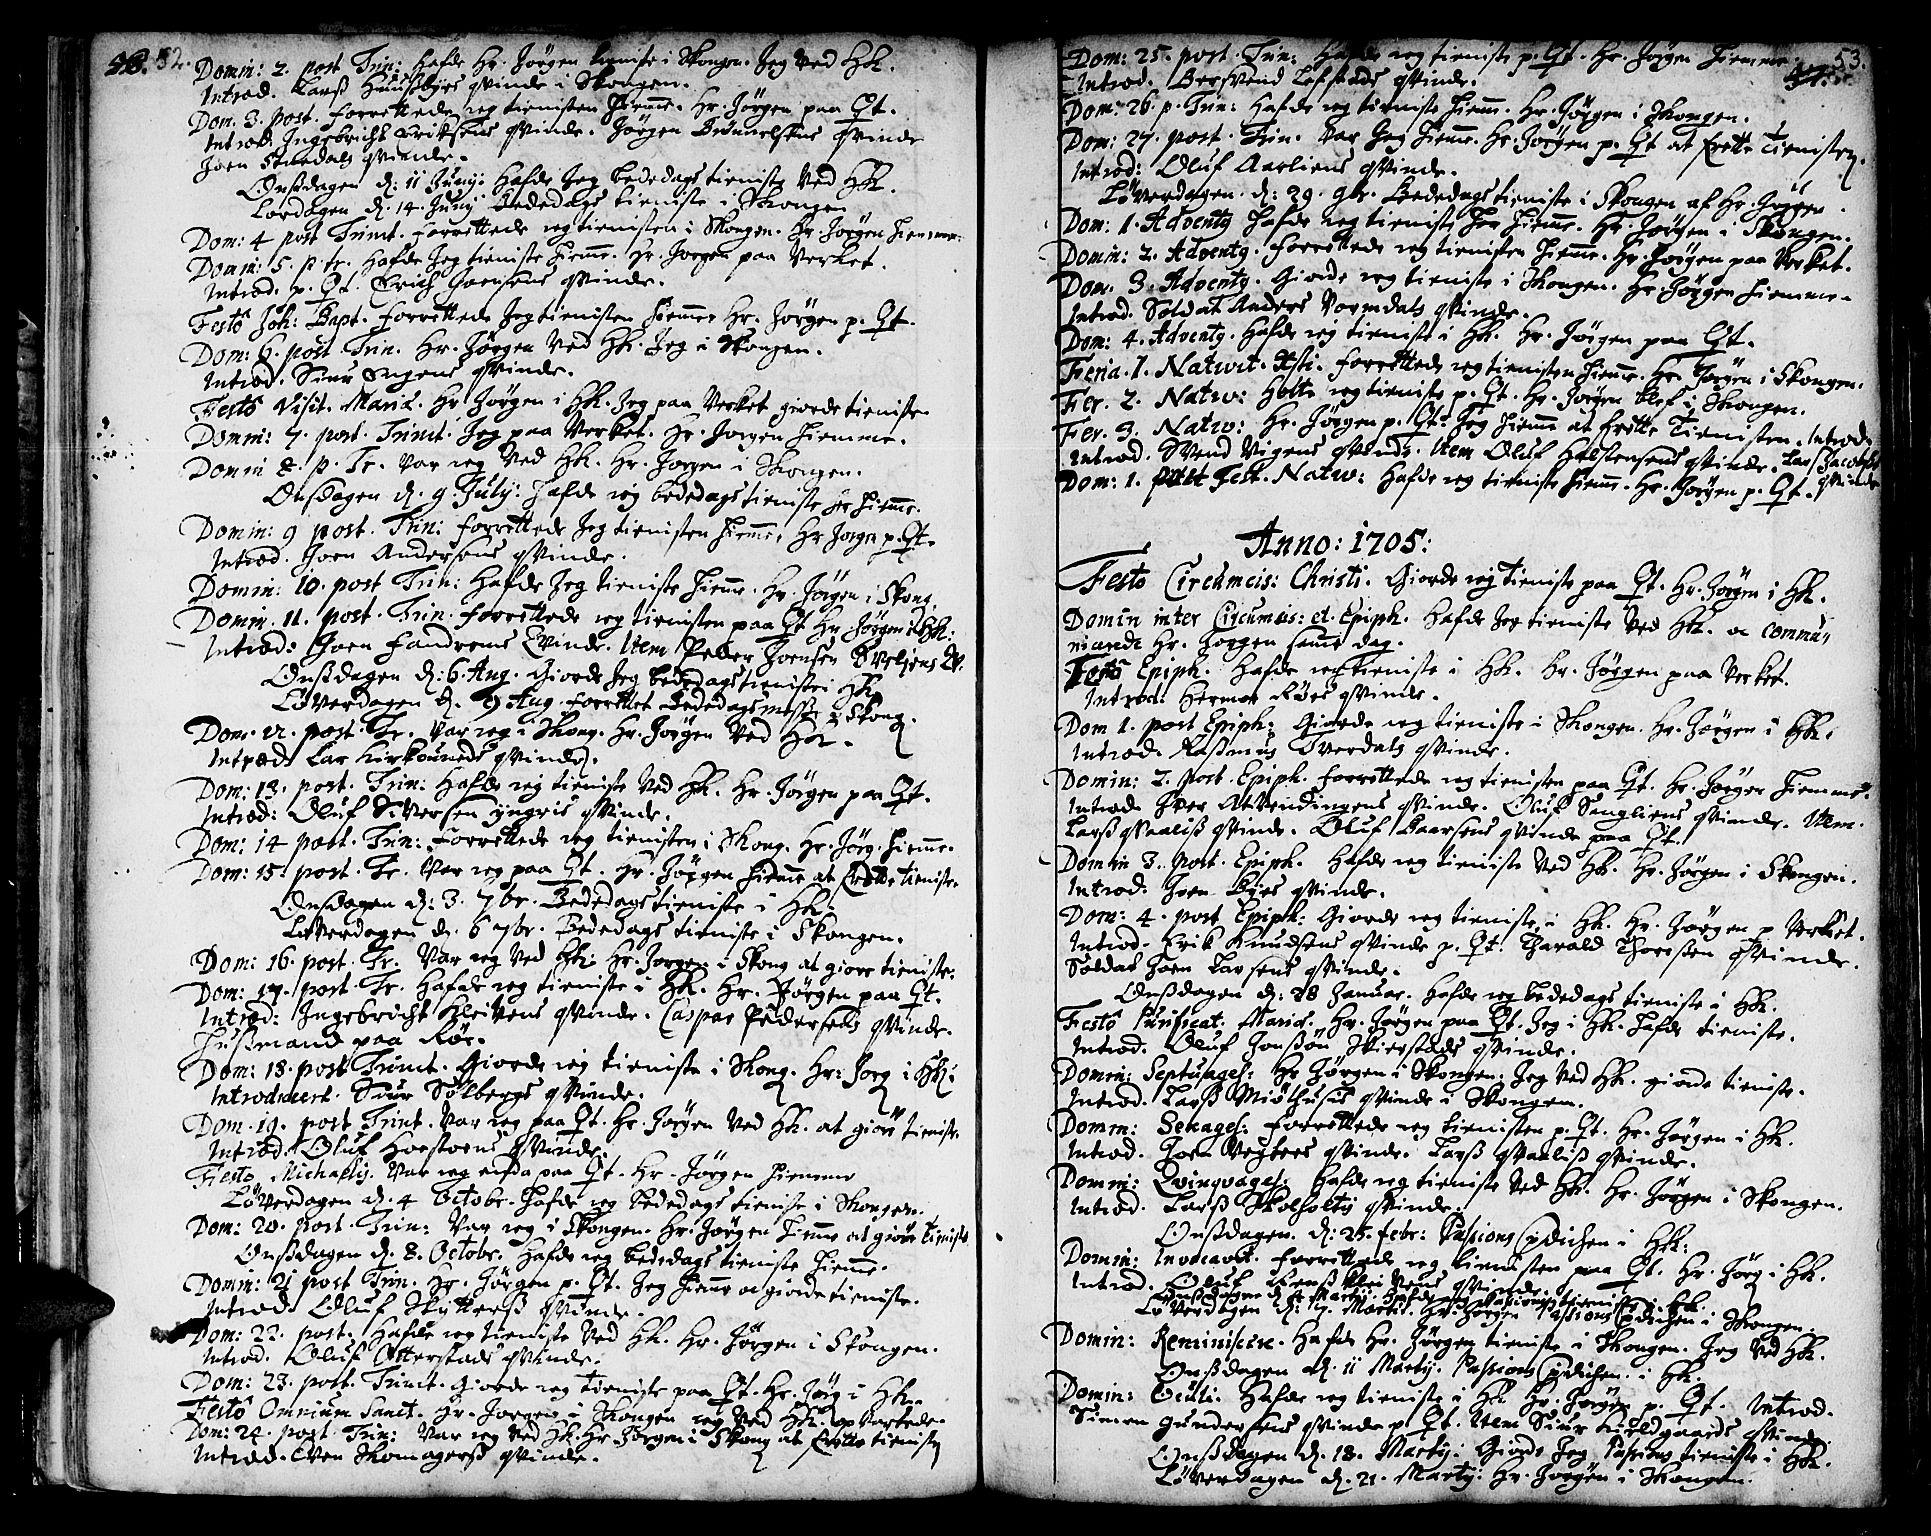 SAT, Ministerialprotokoller, klokkerbøker og fødselsregistre - Sør-Trøndelag, 668/L0801: Ministerialbok nr. 668A01, 1695-1716, s. 52-53